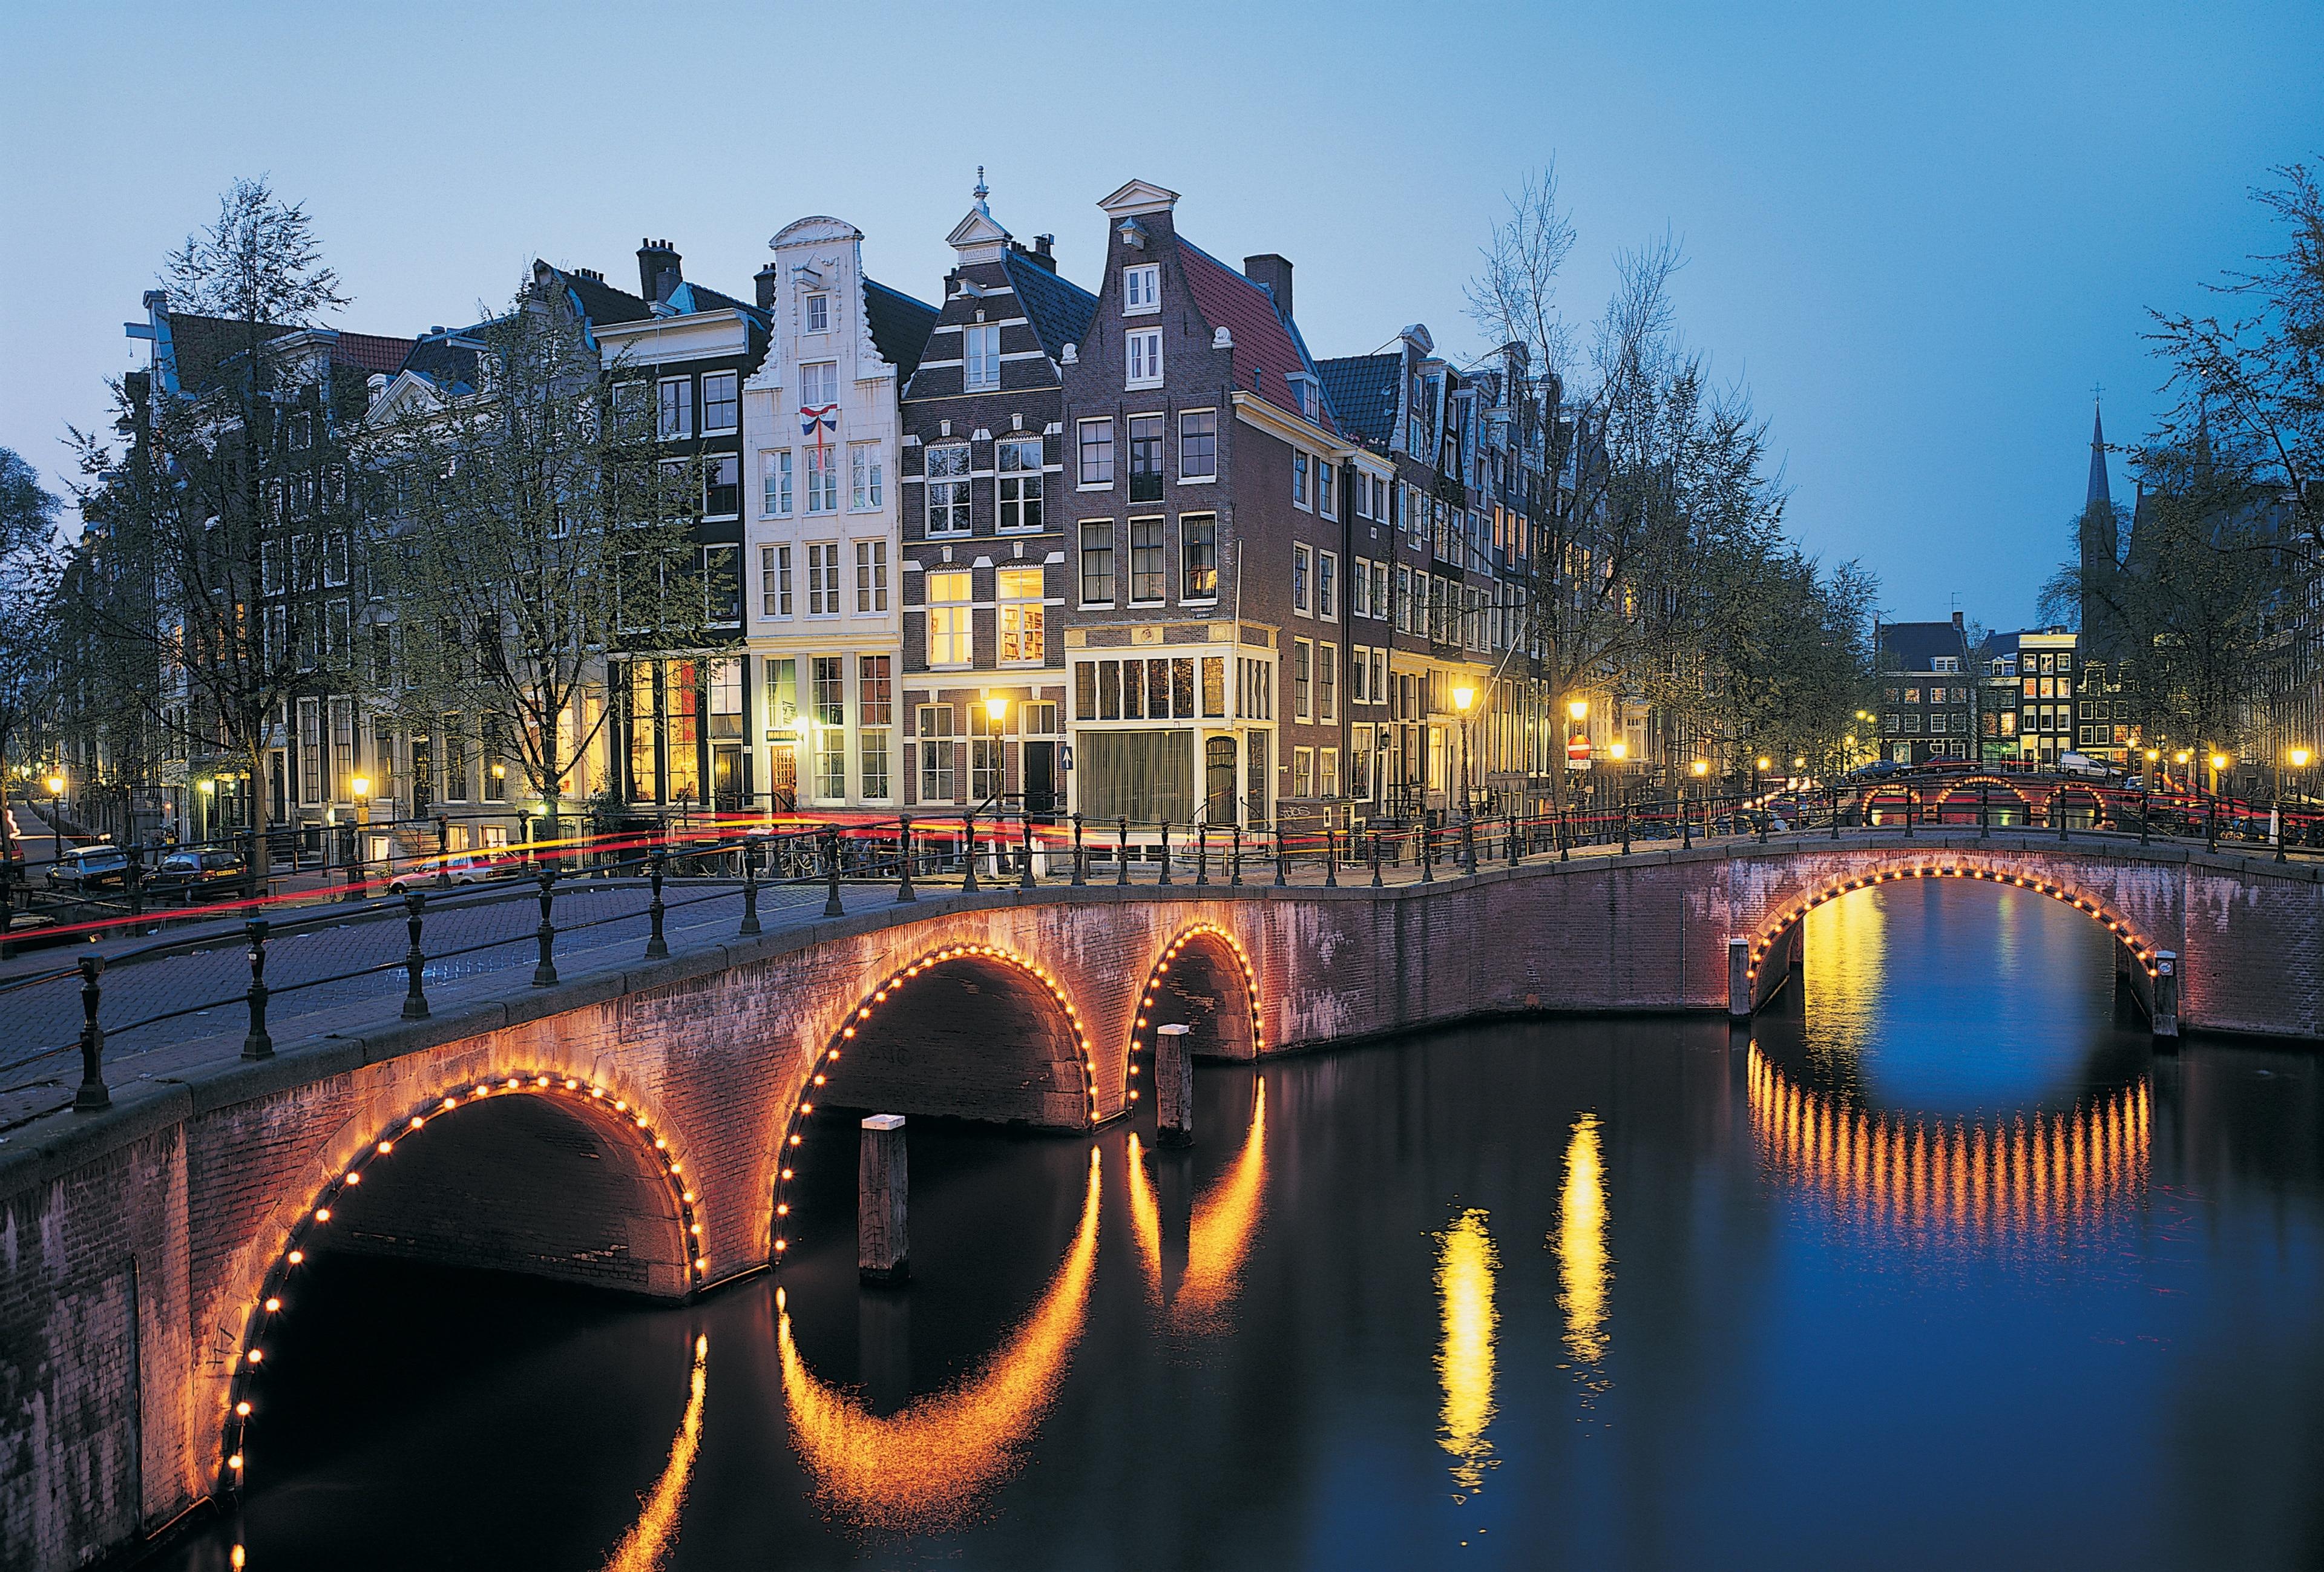 Die Neun Straßen, Amsterdam, Nordholland, Niederlande